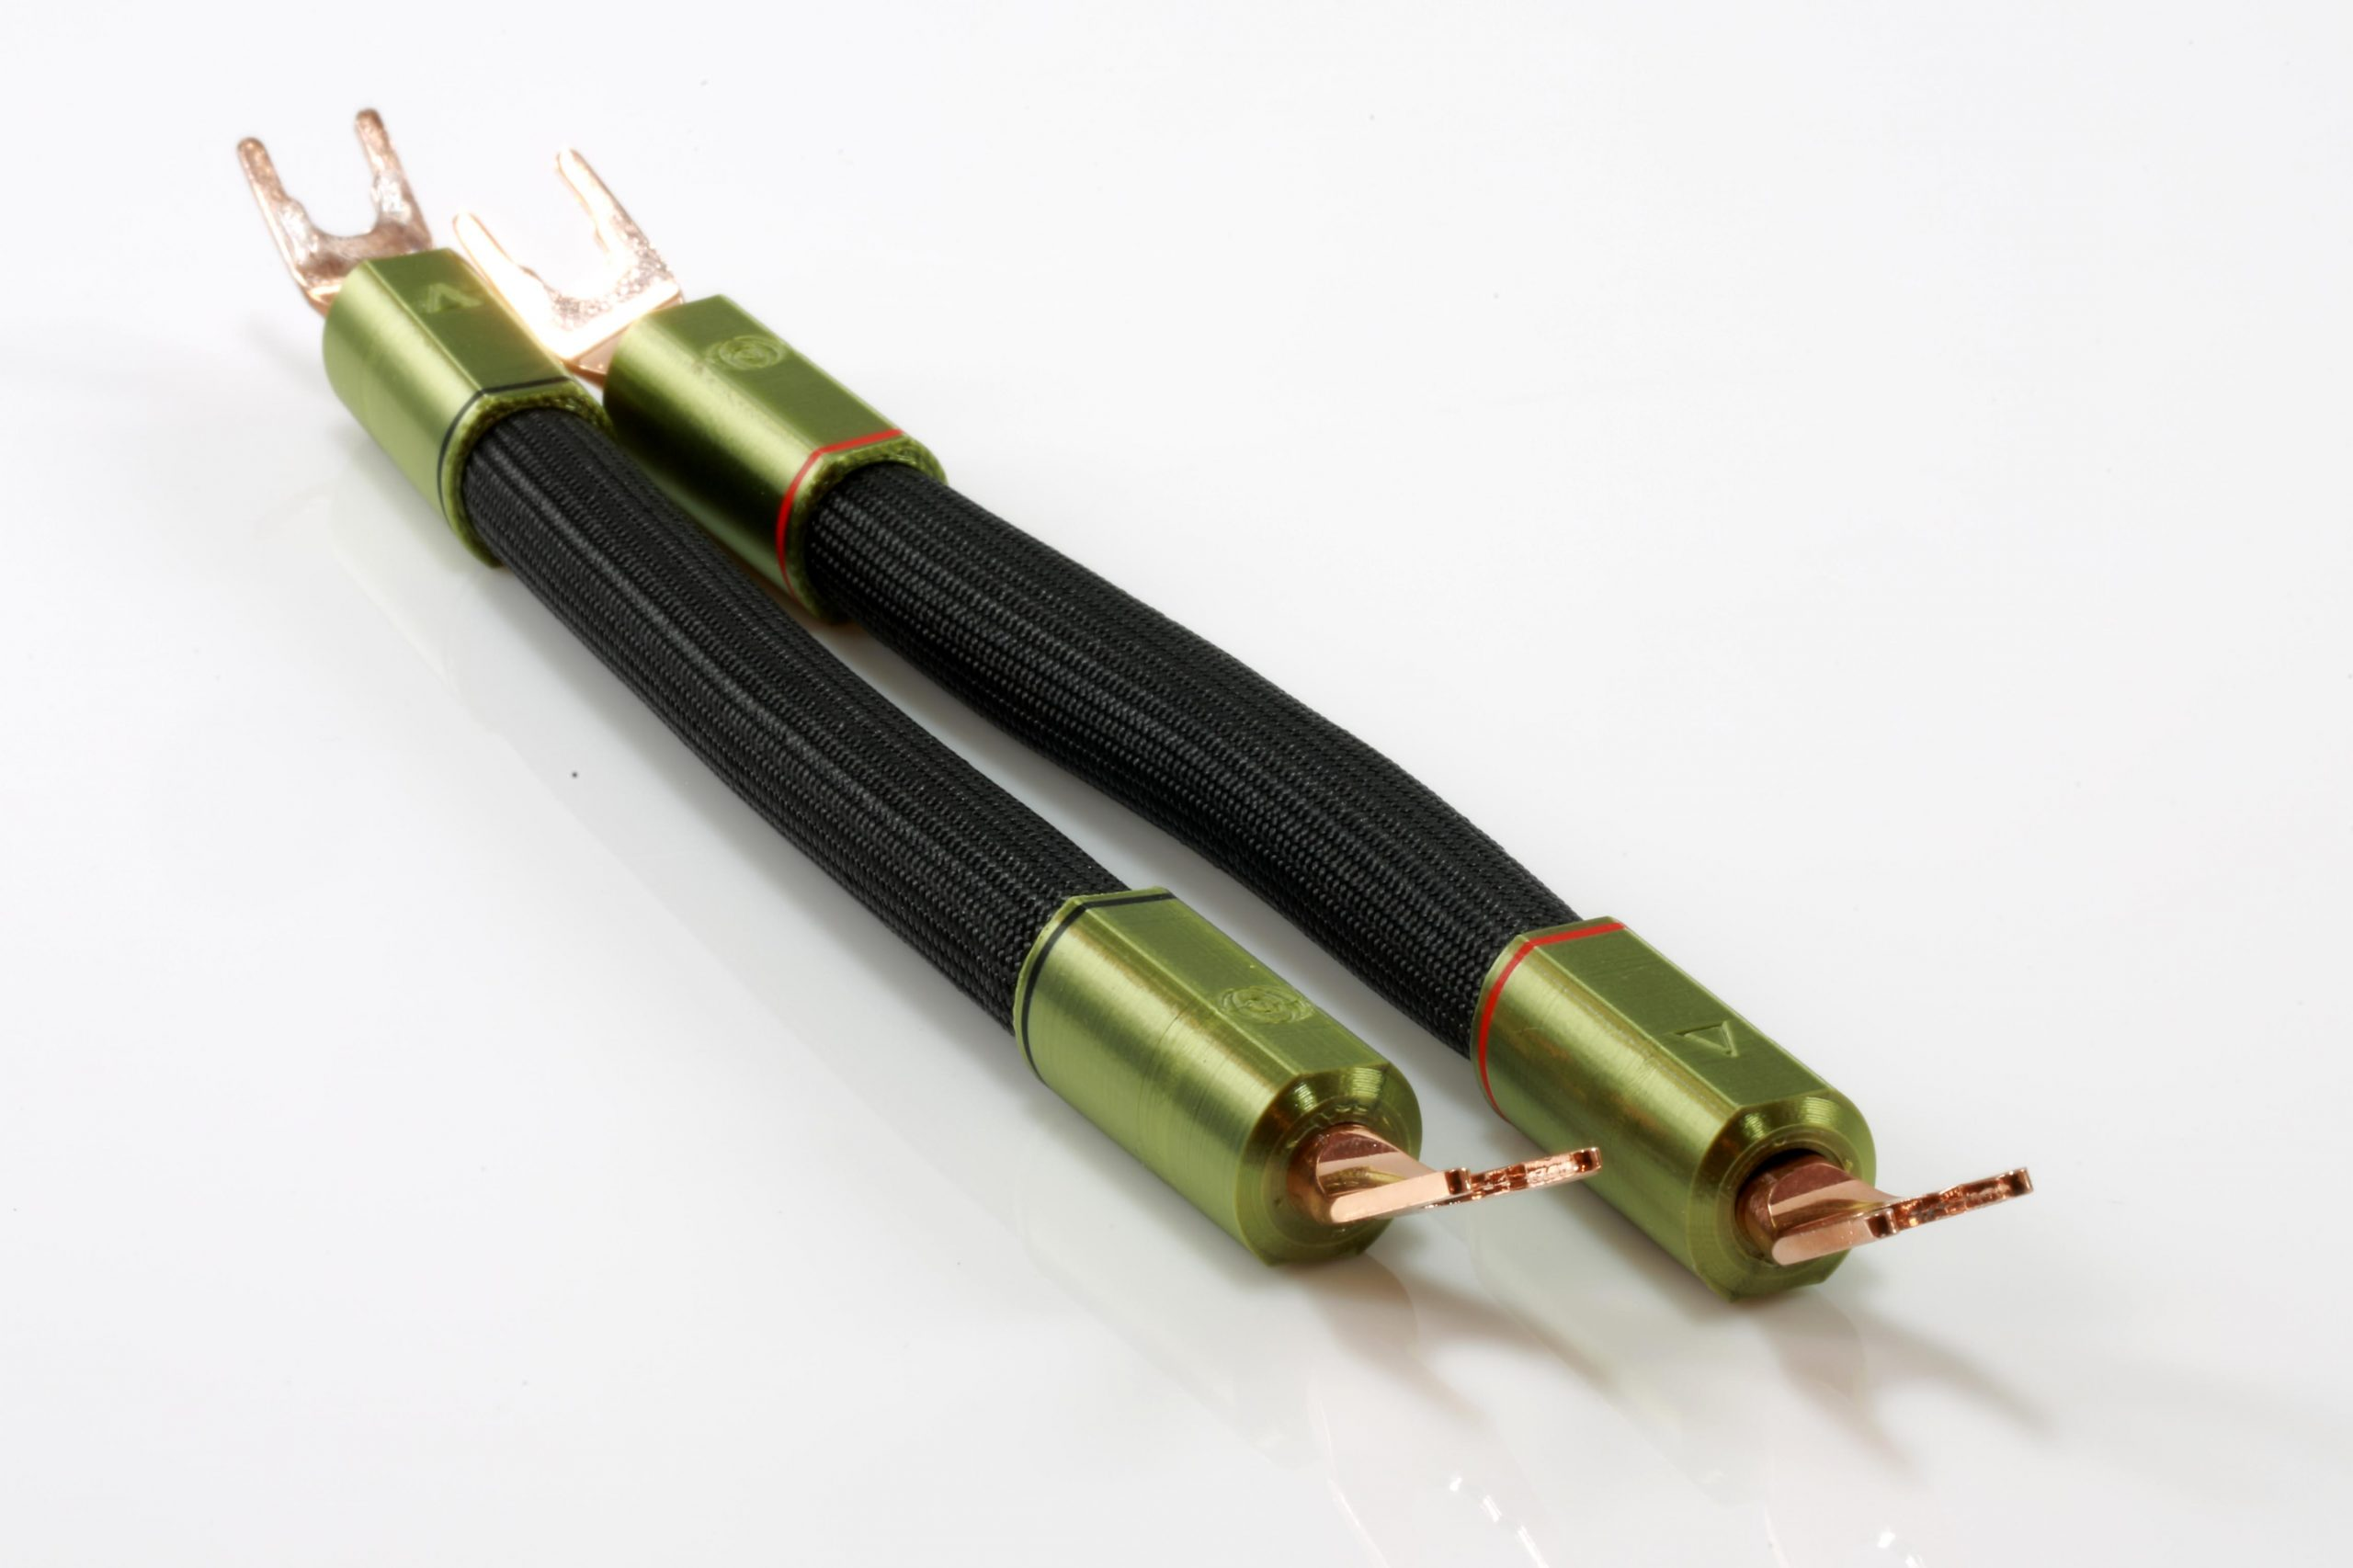 Delta Cavaliers de borniers d'enceintes HP straps Odeion Cables